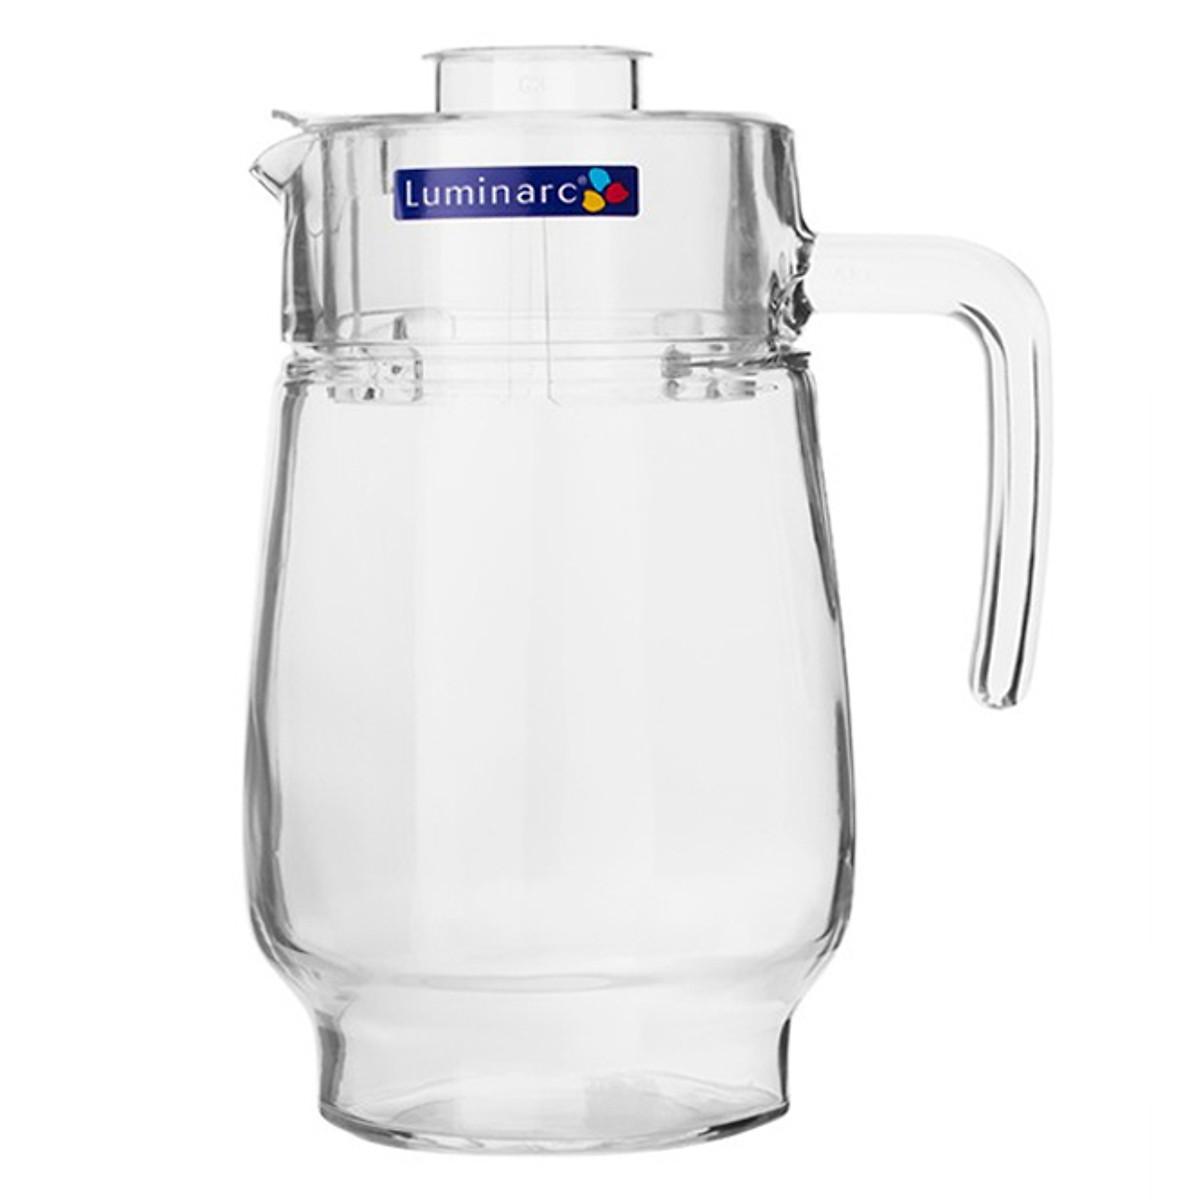 Bình đựng nước thủy tinh Luminarc G2674 1.6 Lít